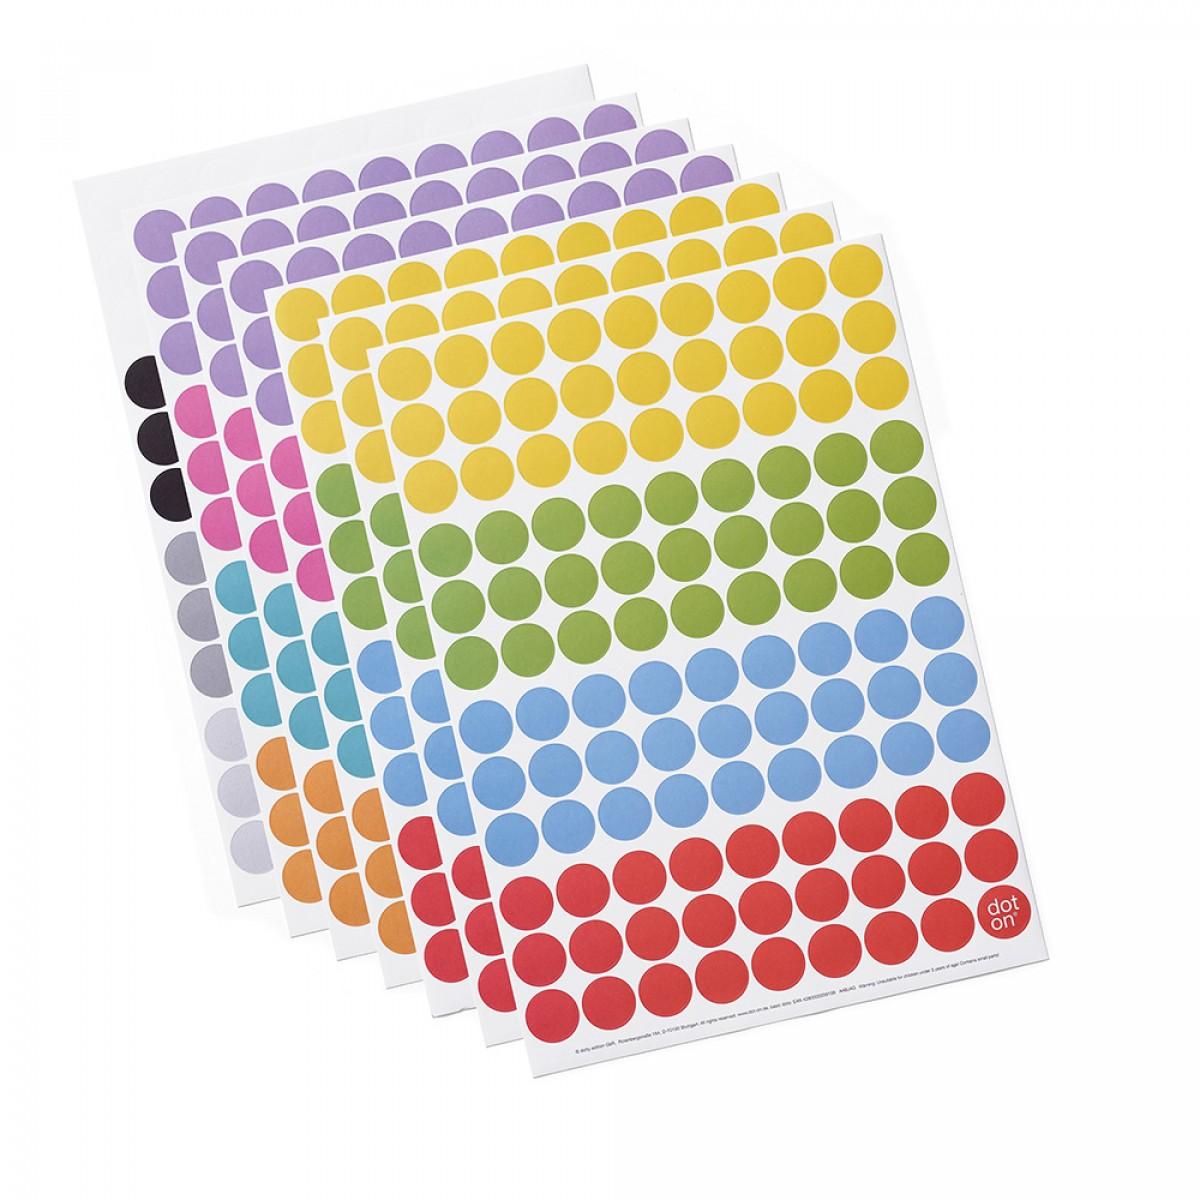 dot on half / Halbjahresplaner 2021 – mit Klebepunkten in 12 Farben